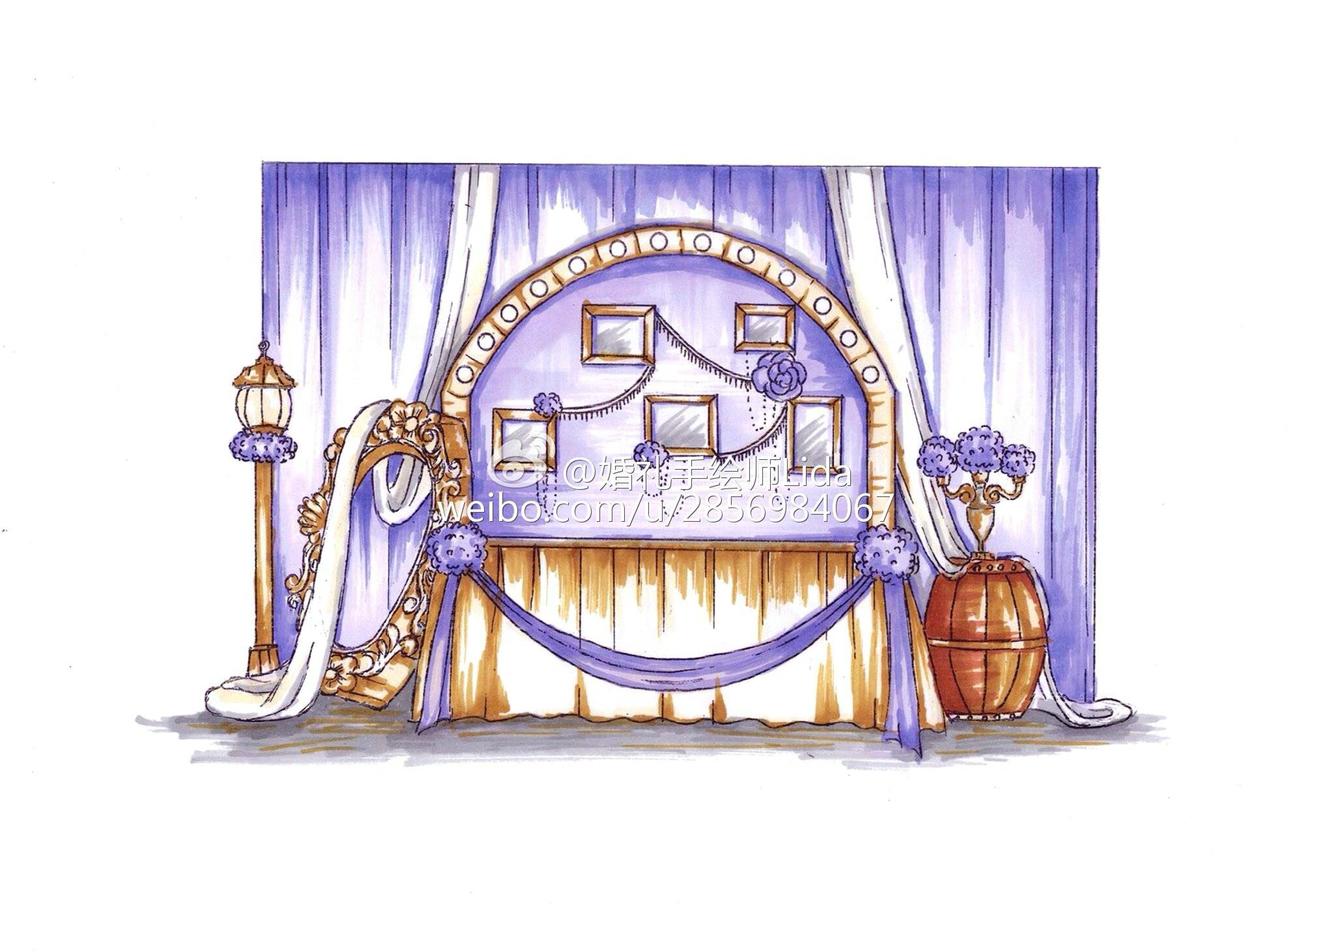 2015年部分婚礼手绘图,多多指教给点意见